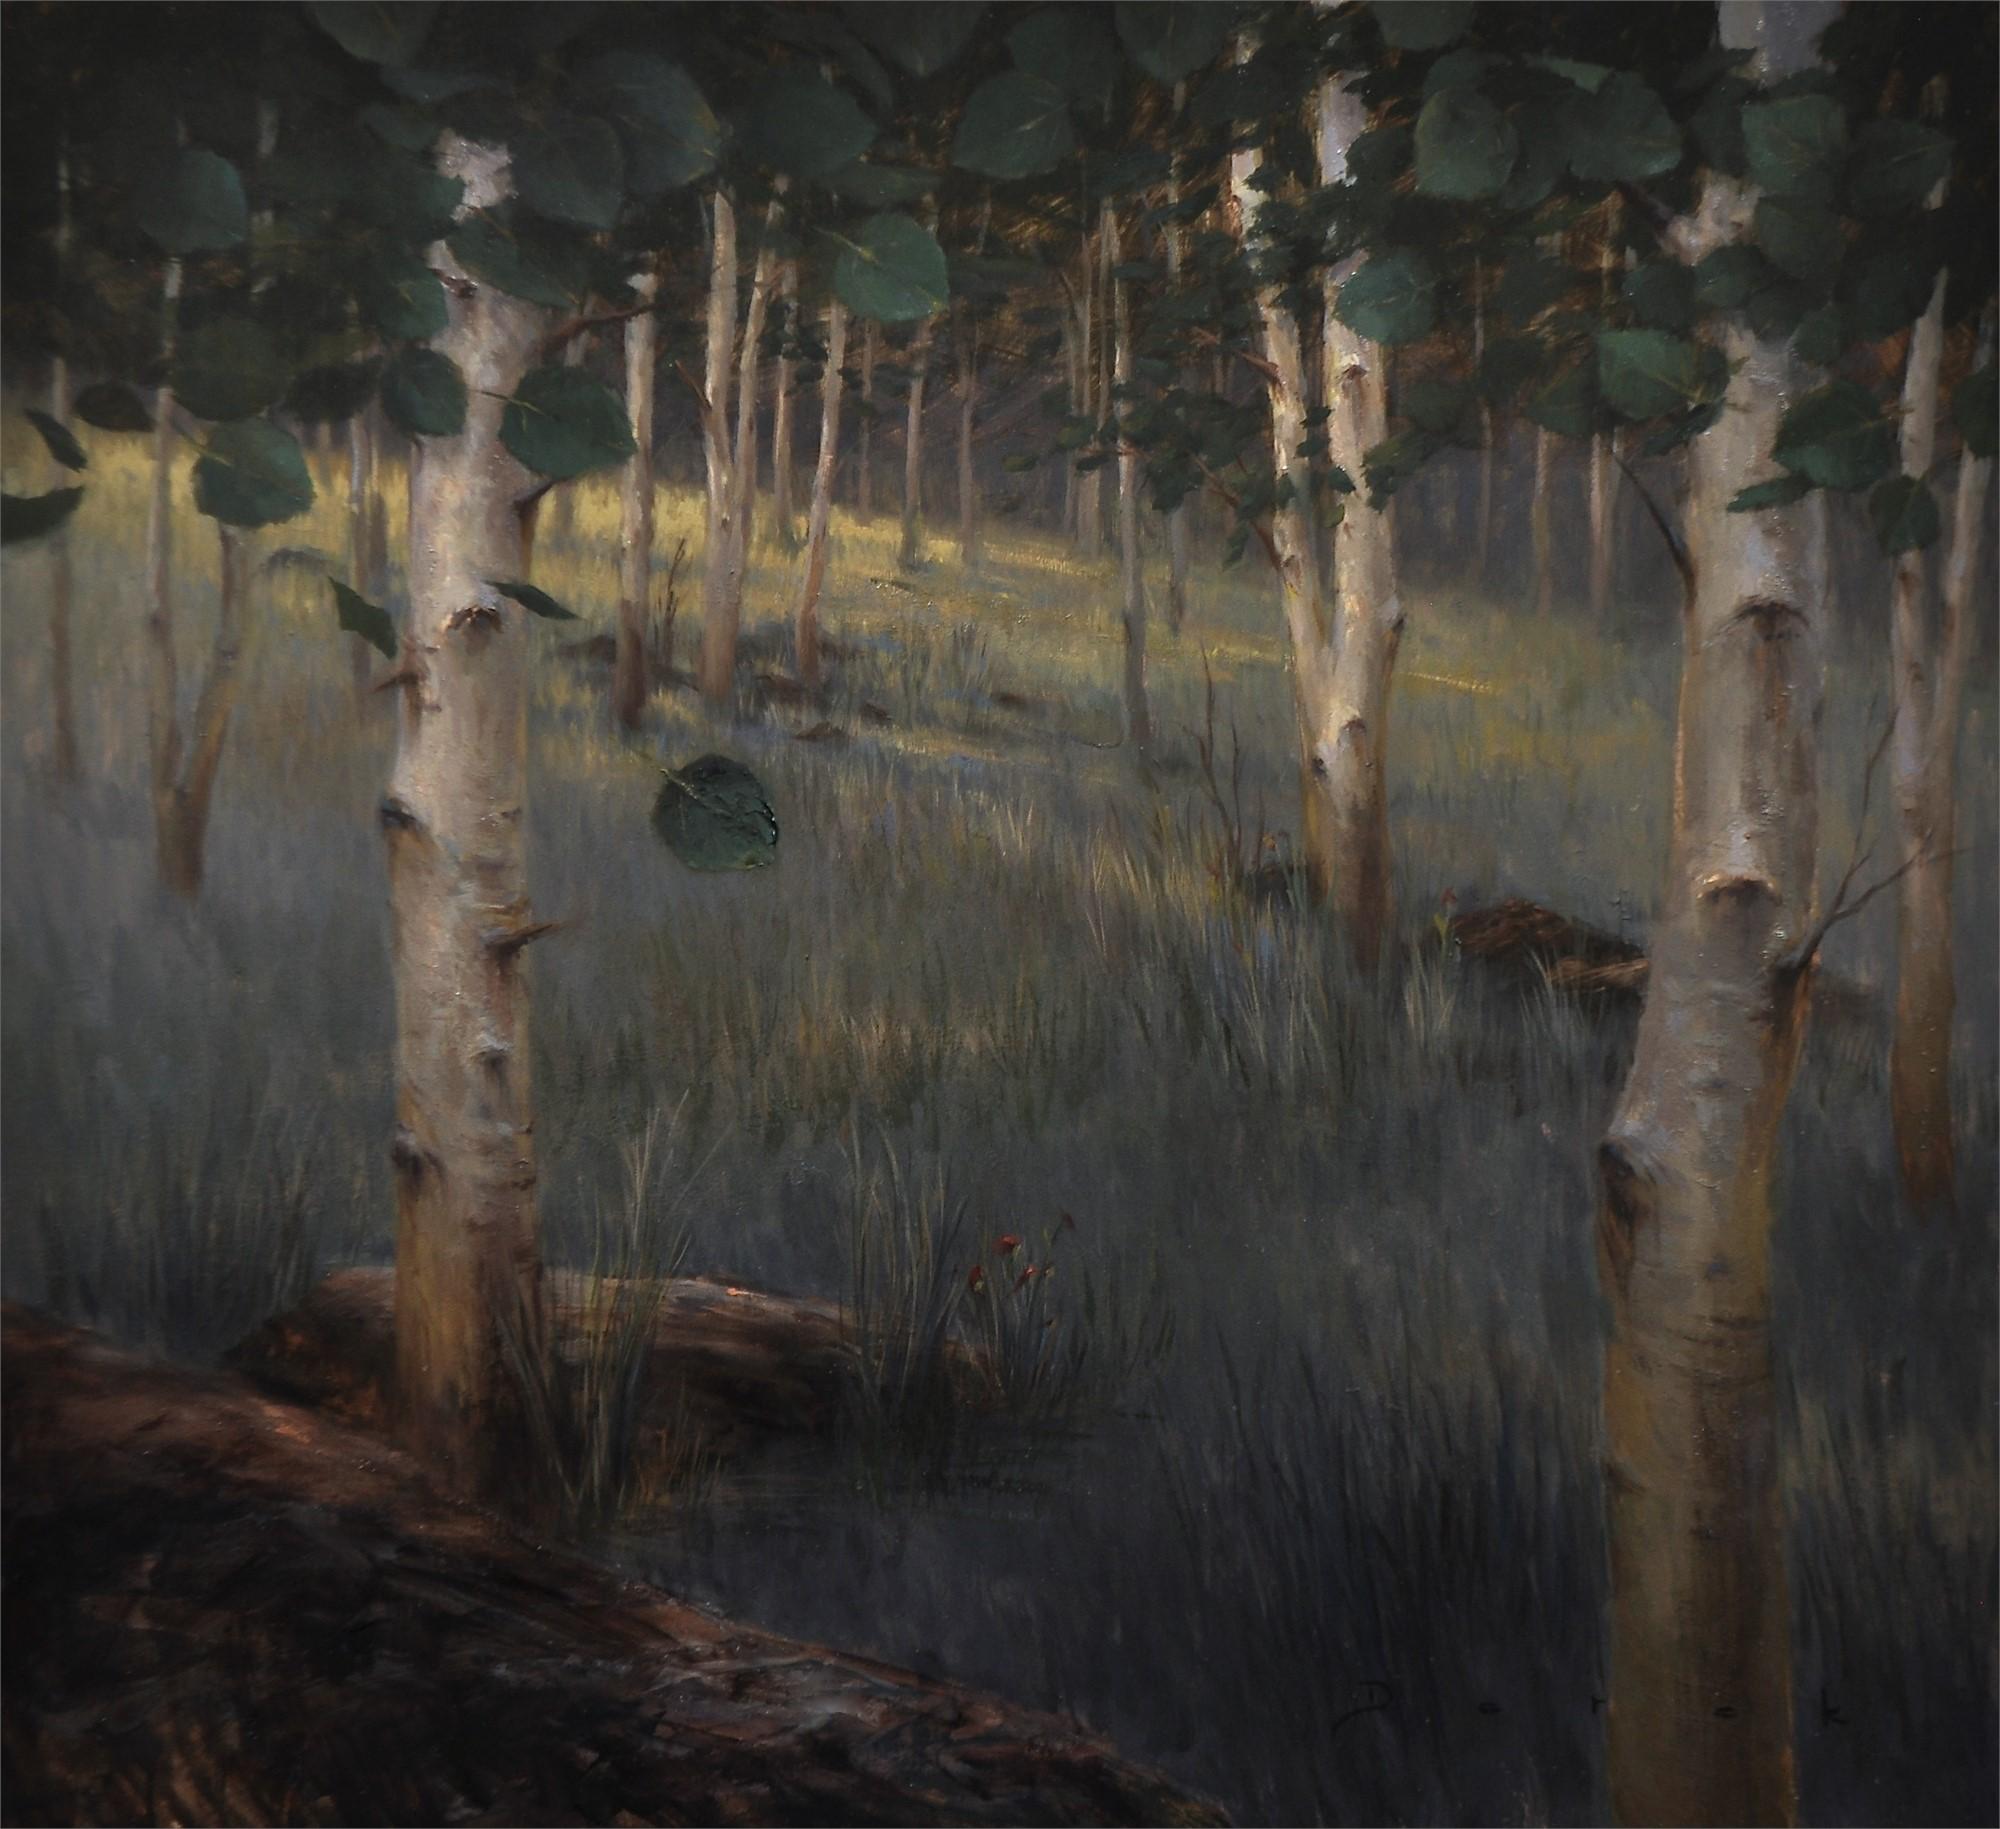 Shady Grove by Derek Harrison